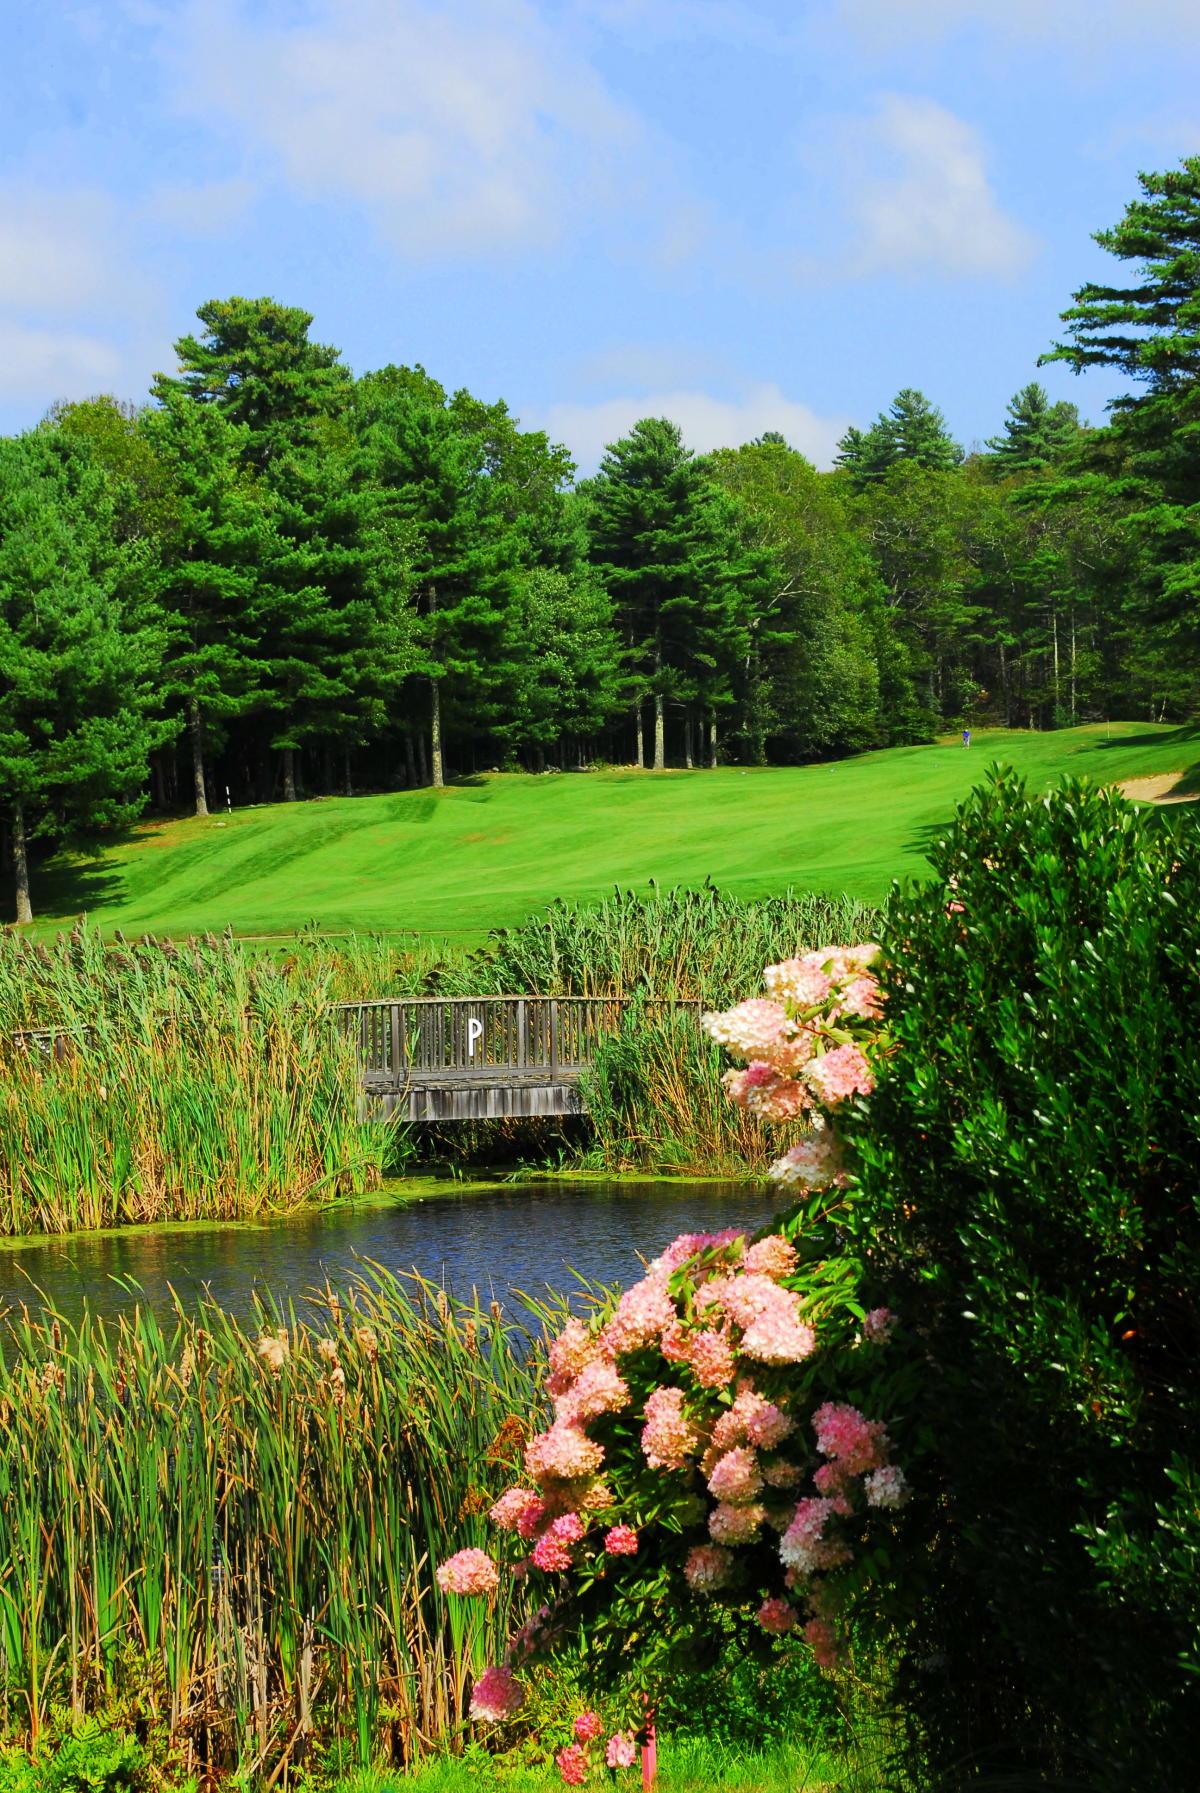 Pinecrest_Golf_Course_4.JPG_4f46ed54-5056-a36a-09c4bd3d5331bef6.jpg